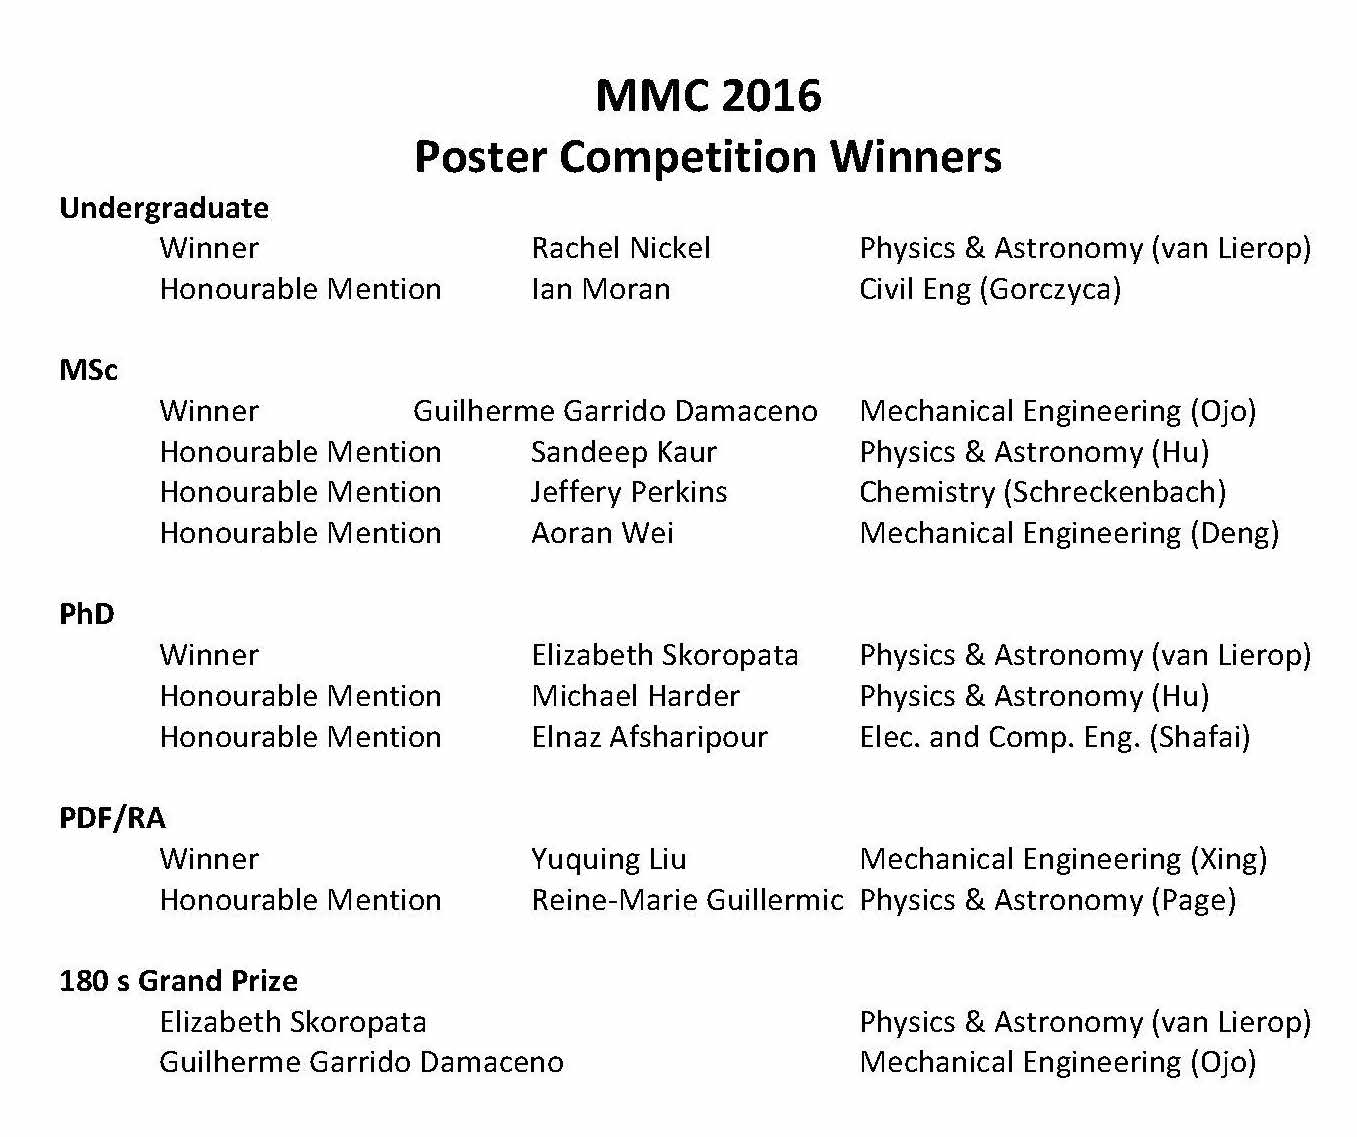 MMC 2016 Awards